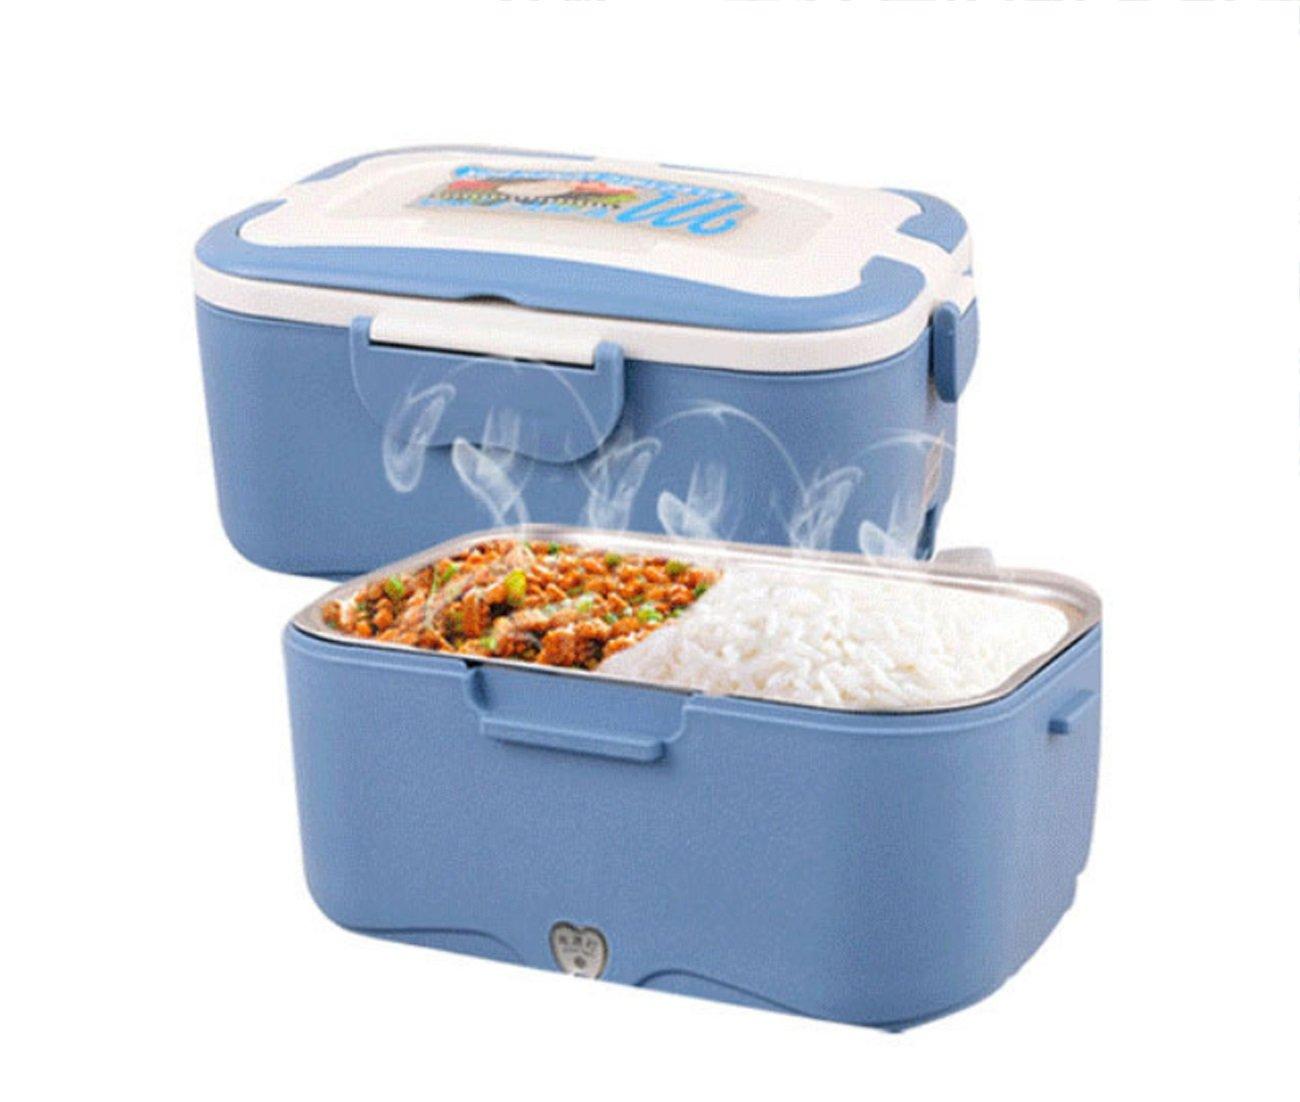 Auto Mini Elettrico Hot Lunch Box Elettronico Lunch Box Plug-in Riscaldamento Isolamento Hot Food Perfetto Ufficio Dormitorio Viaggio 1.5L Per 12V Auto / 24V Camion 35W- 233X166X11.6MM Huaishu